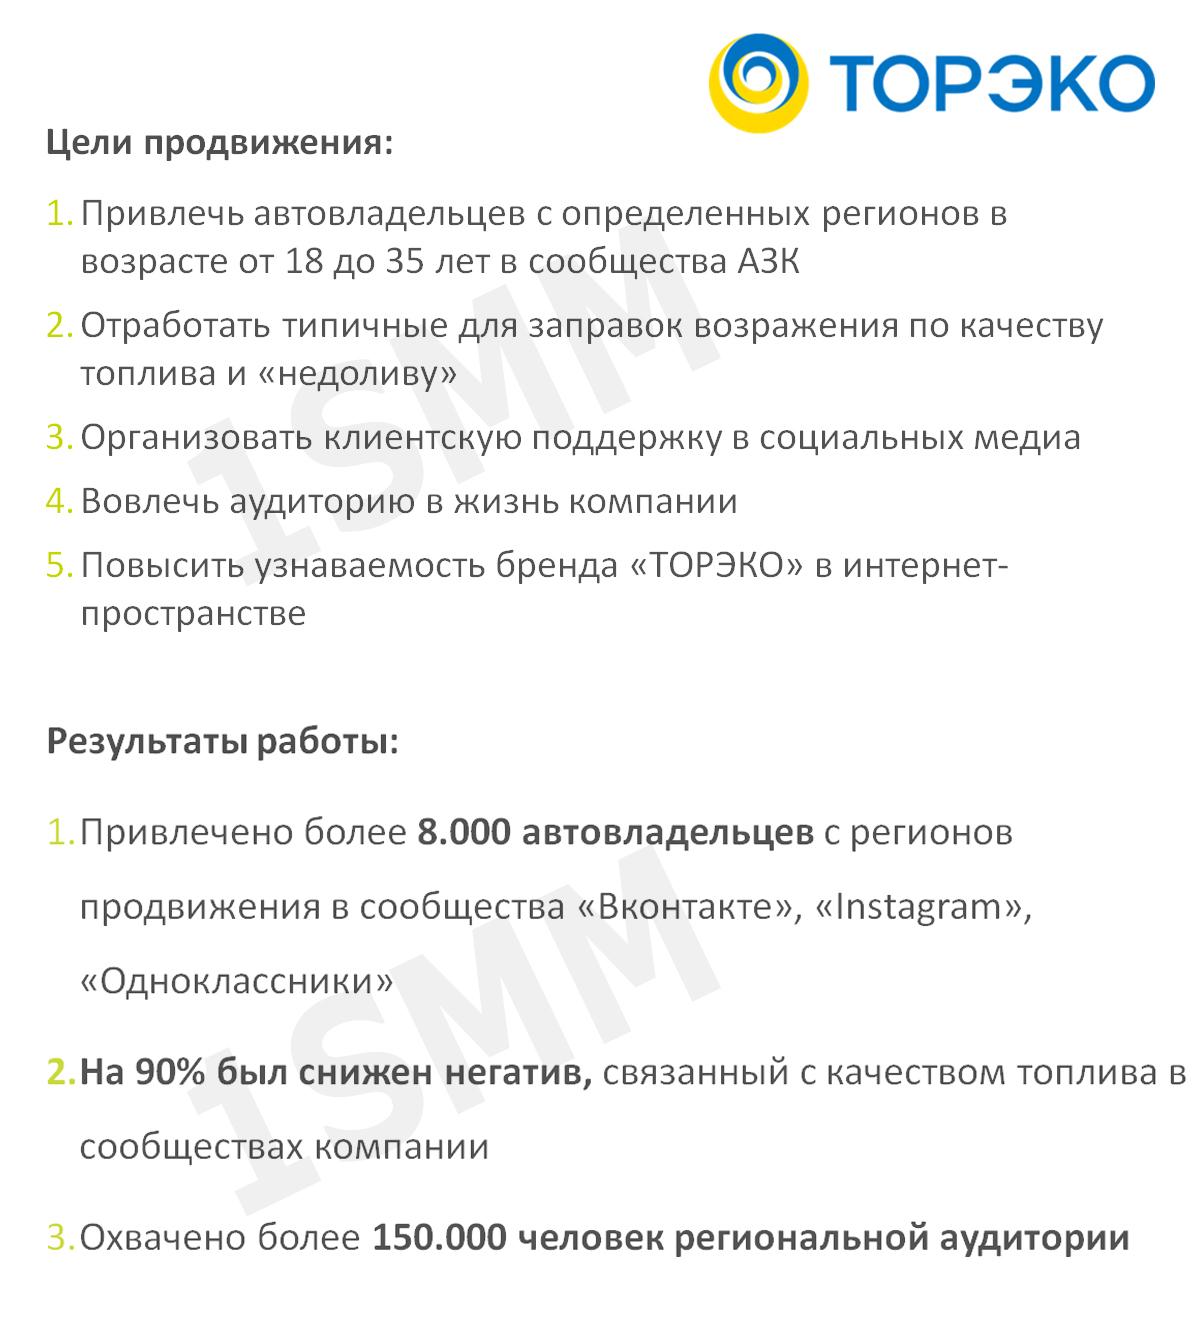 Продвижение сети автозаправочных станций «ТОРЭКО»